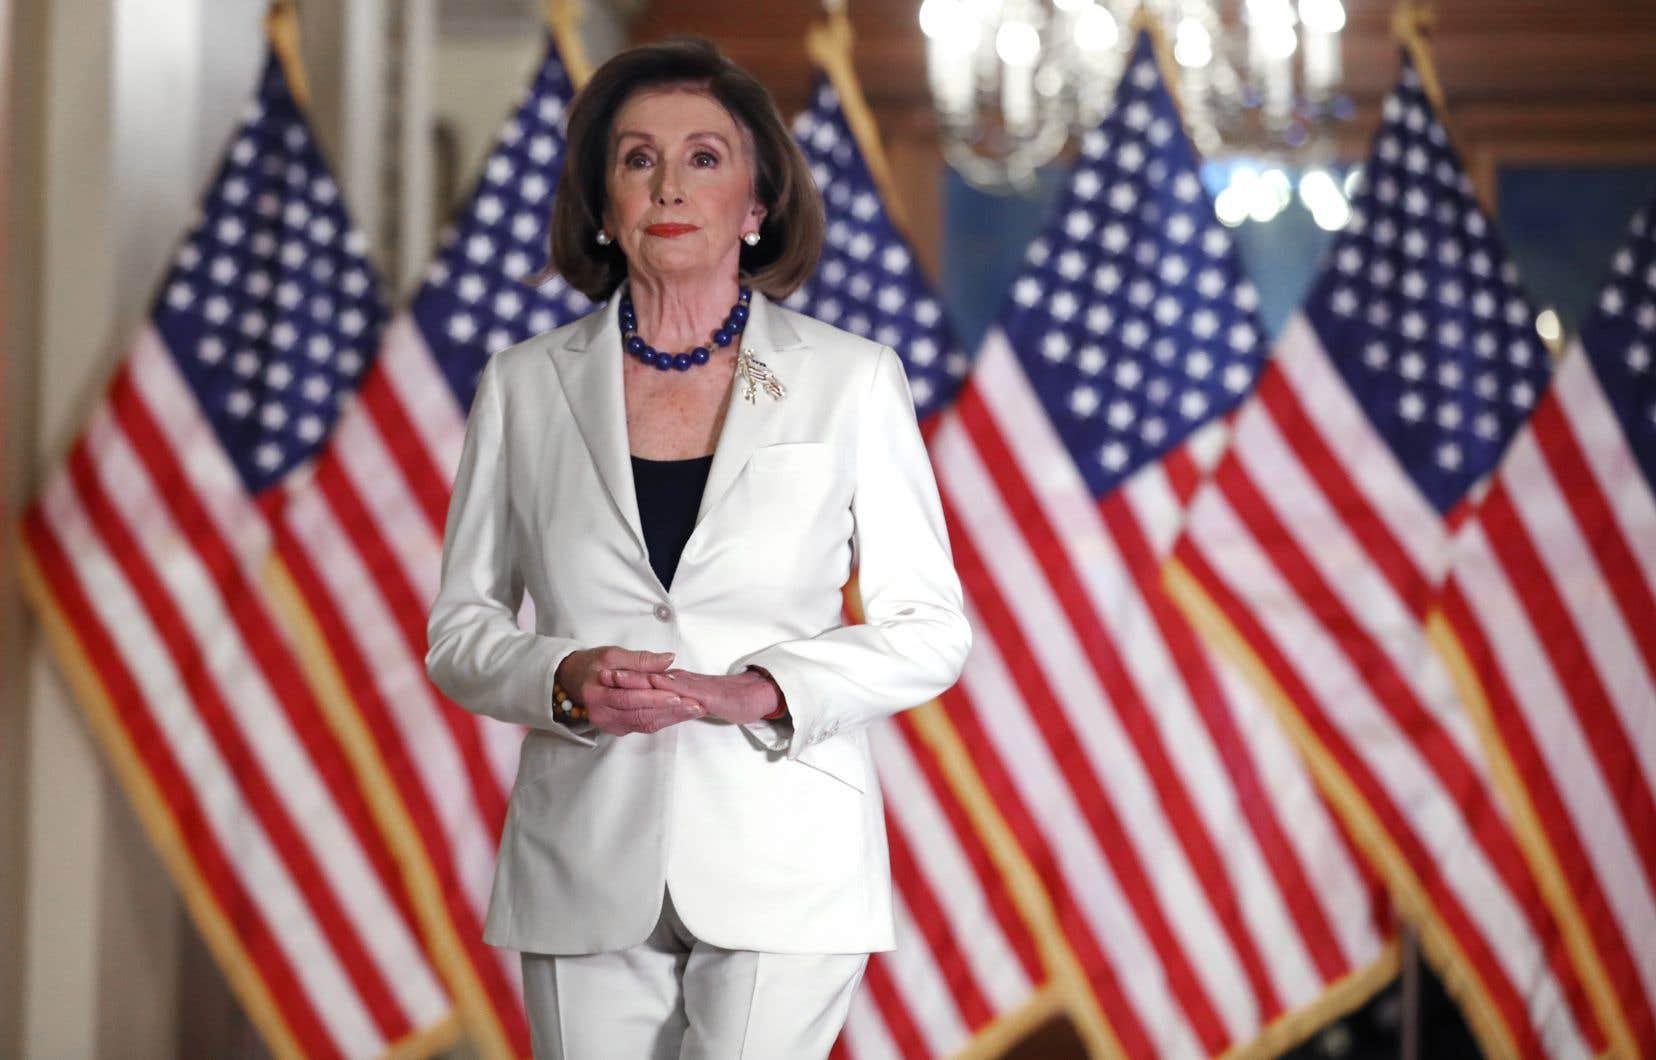 La leader de la majorité démocrate à la Chambre des représentants, Nancy Pelosi